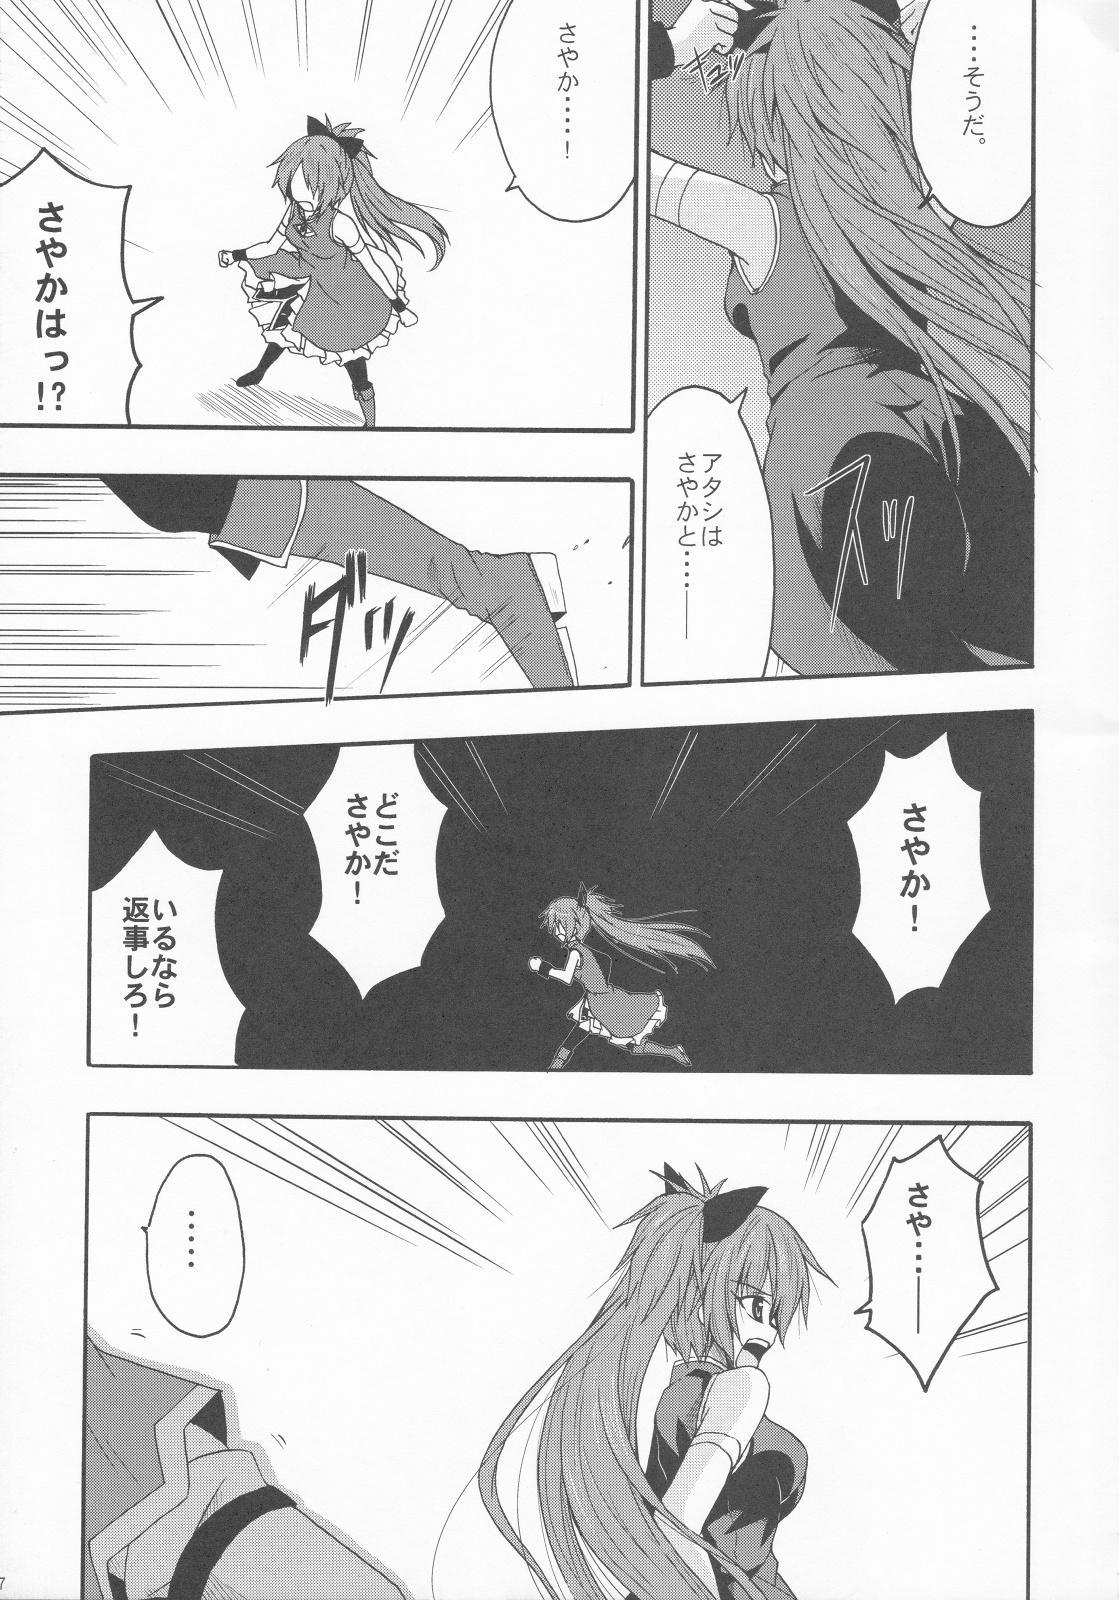 Sayaka no Naka de 5